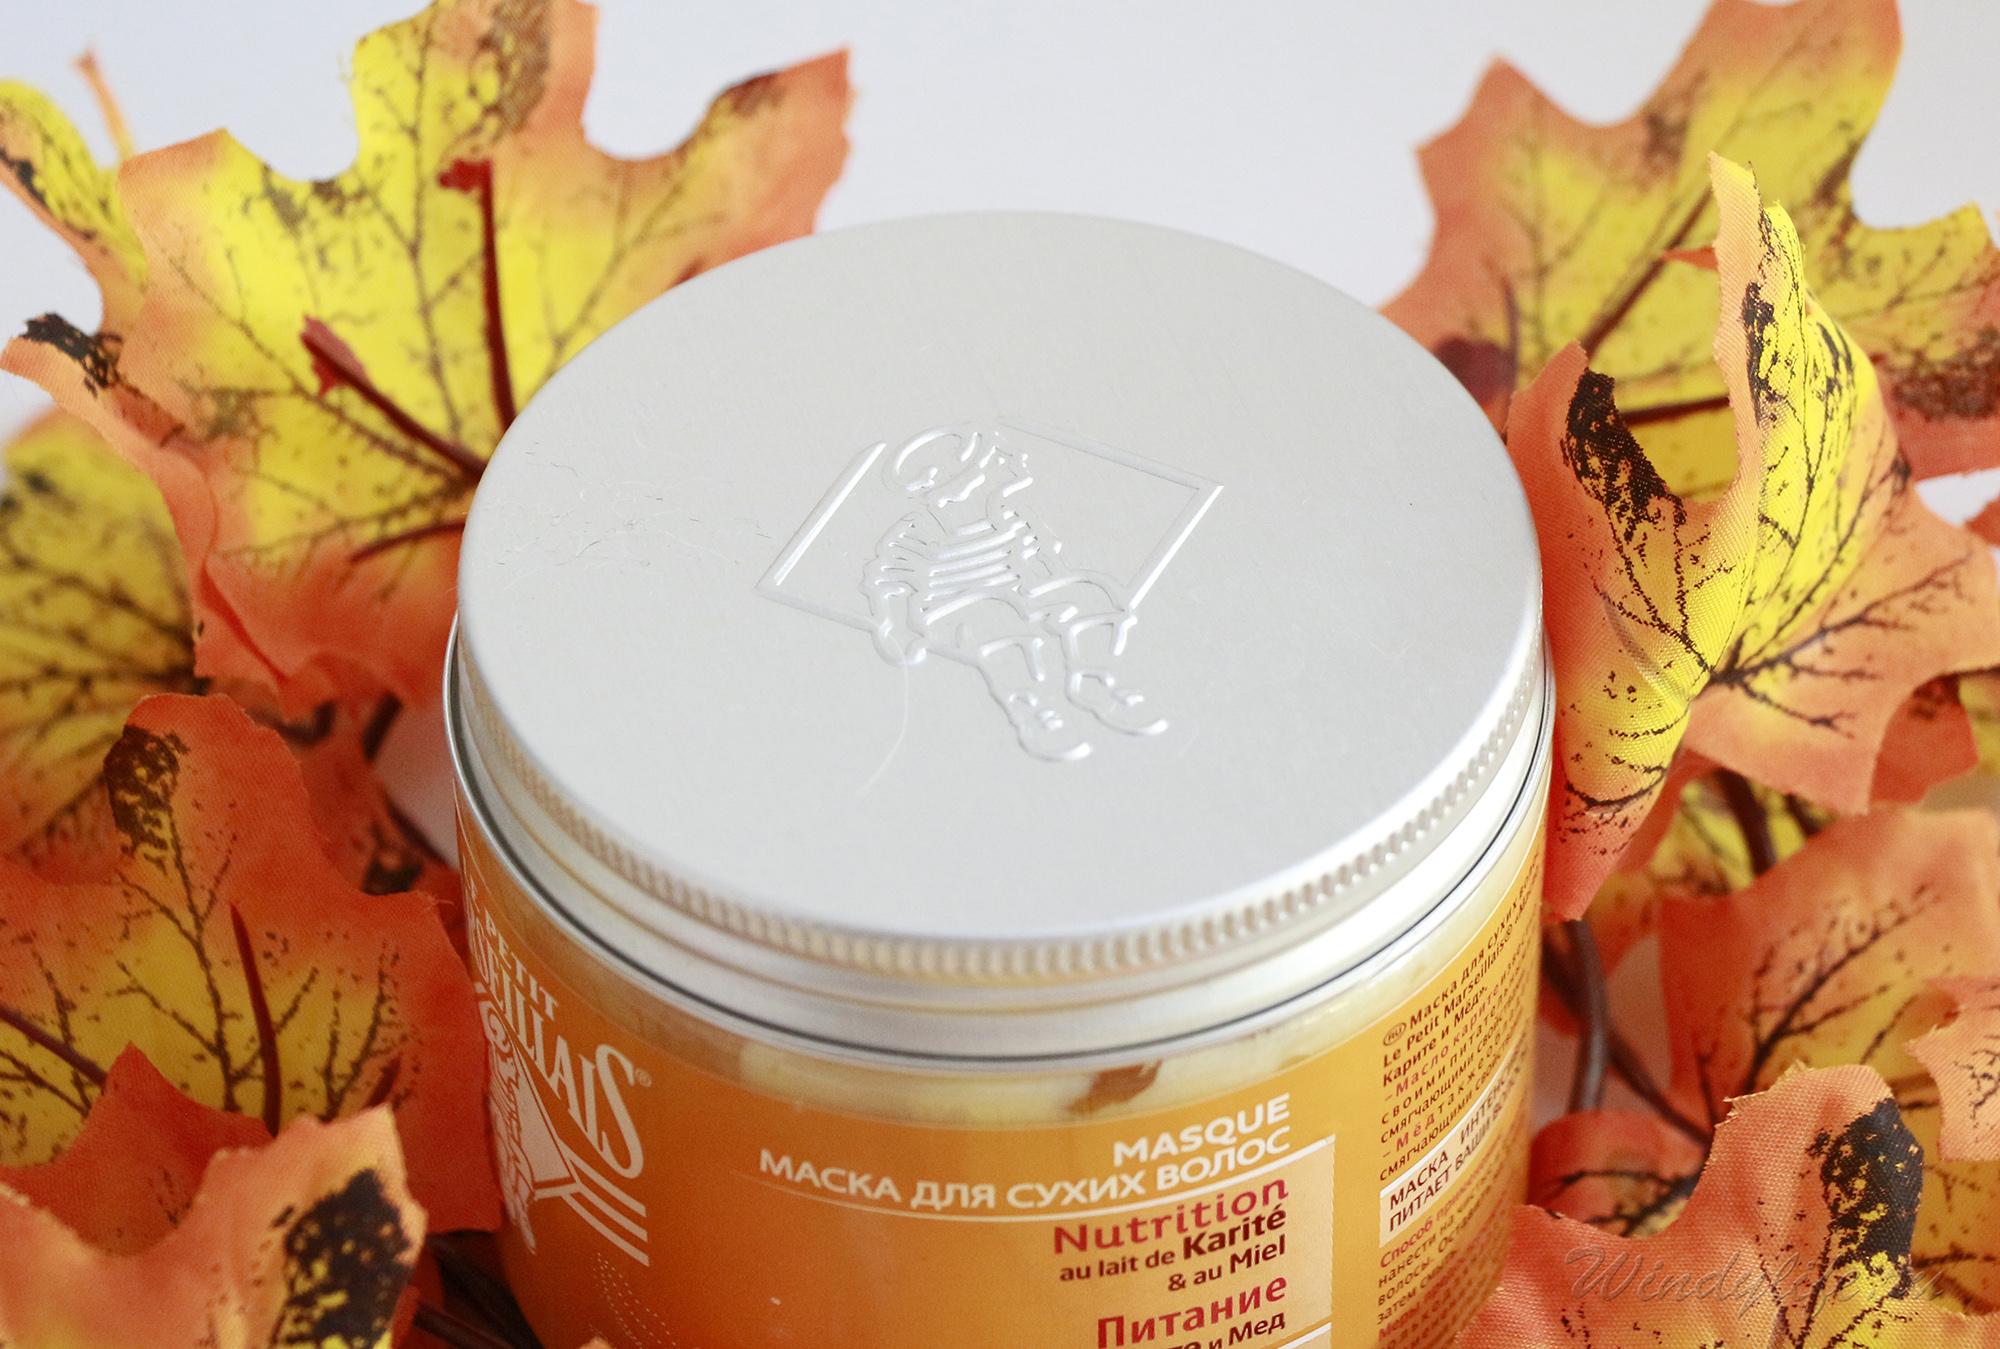 Маски для сухих волос, эффективные рецепты в домашних условиях : Уход за 100